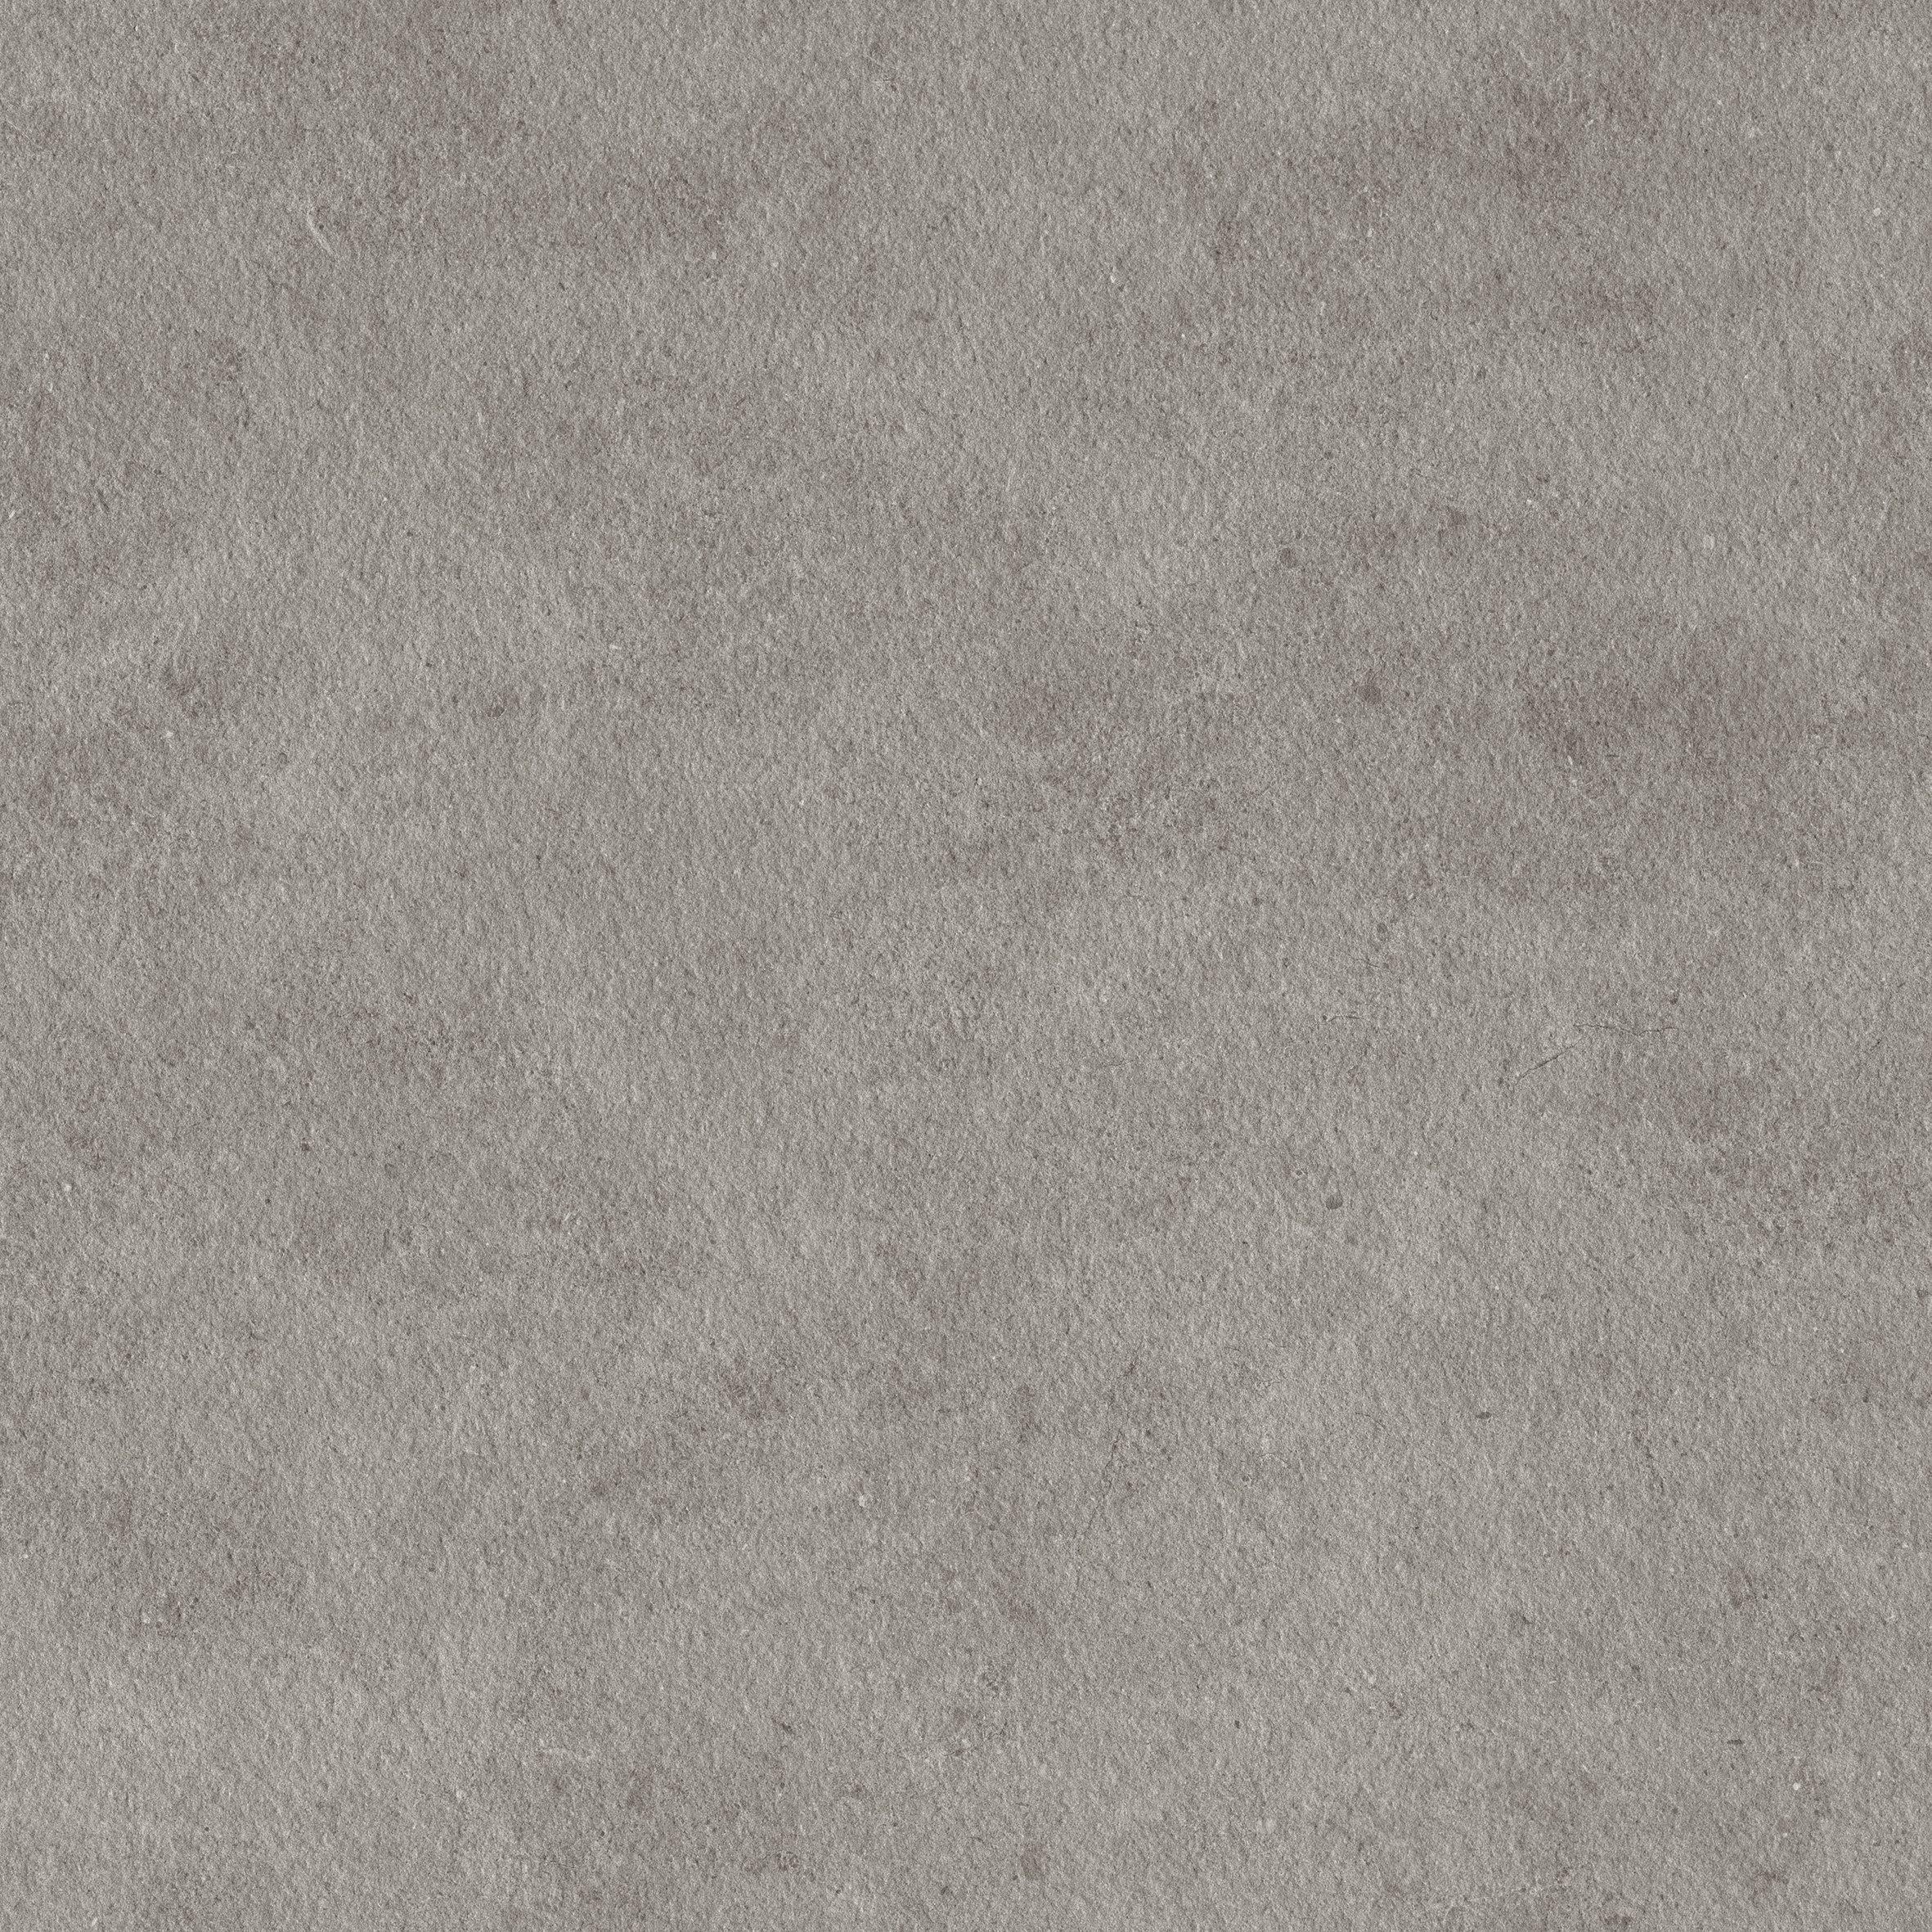 urban-grey-textured-swatch